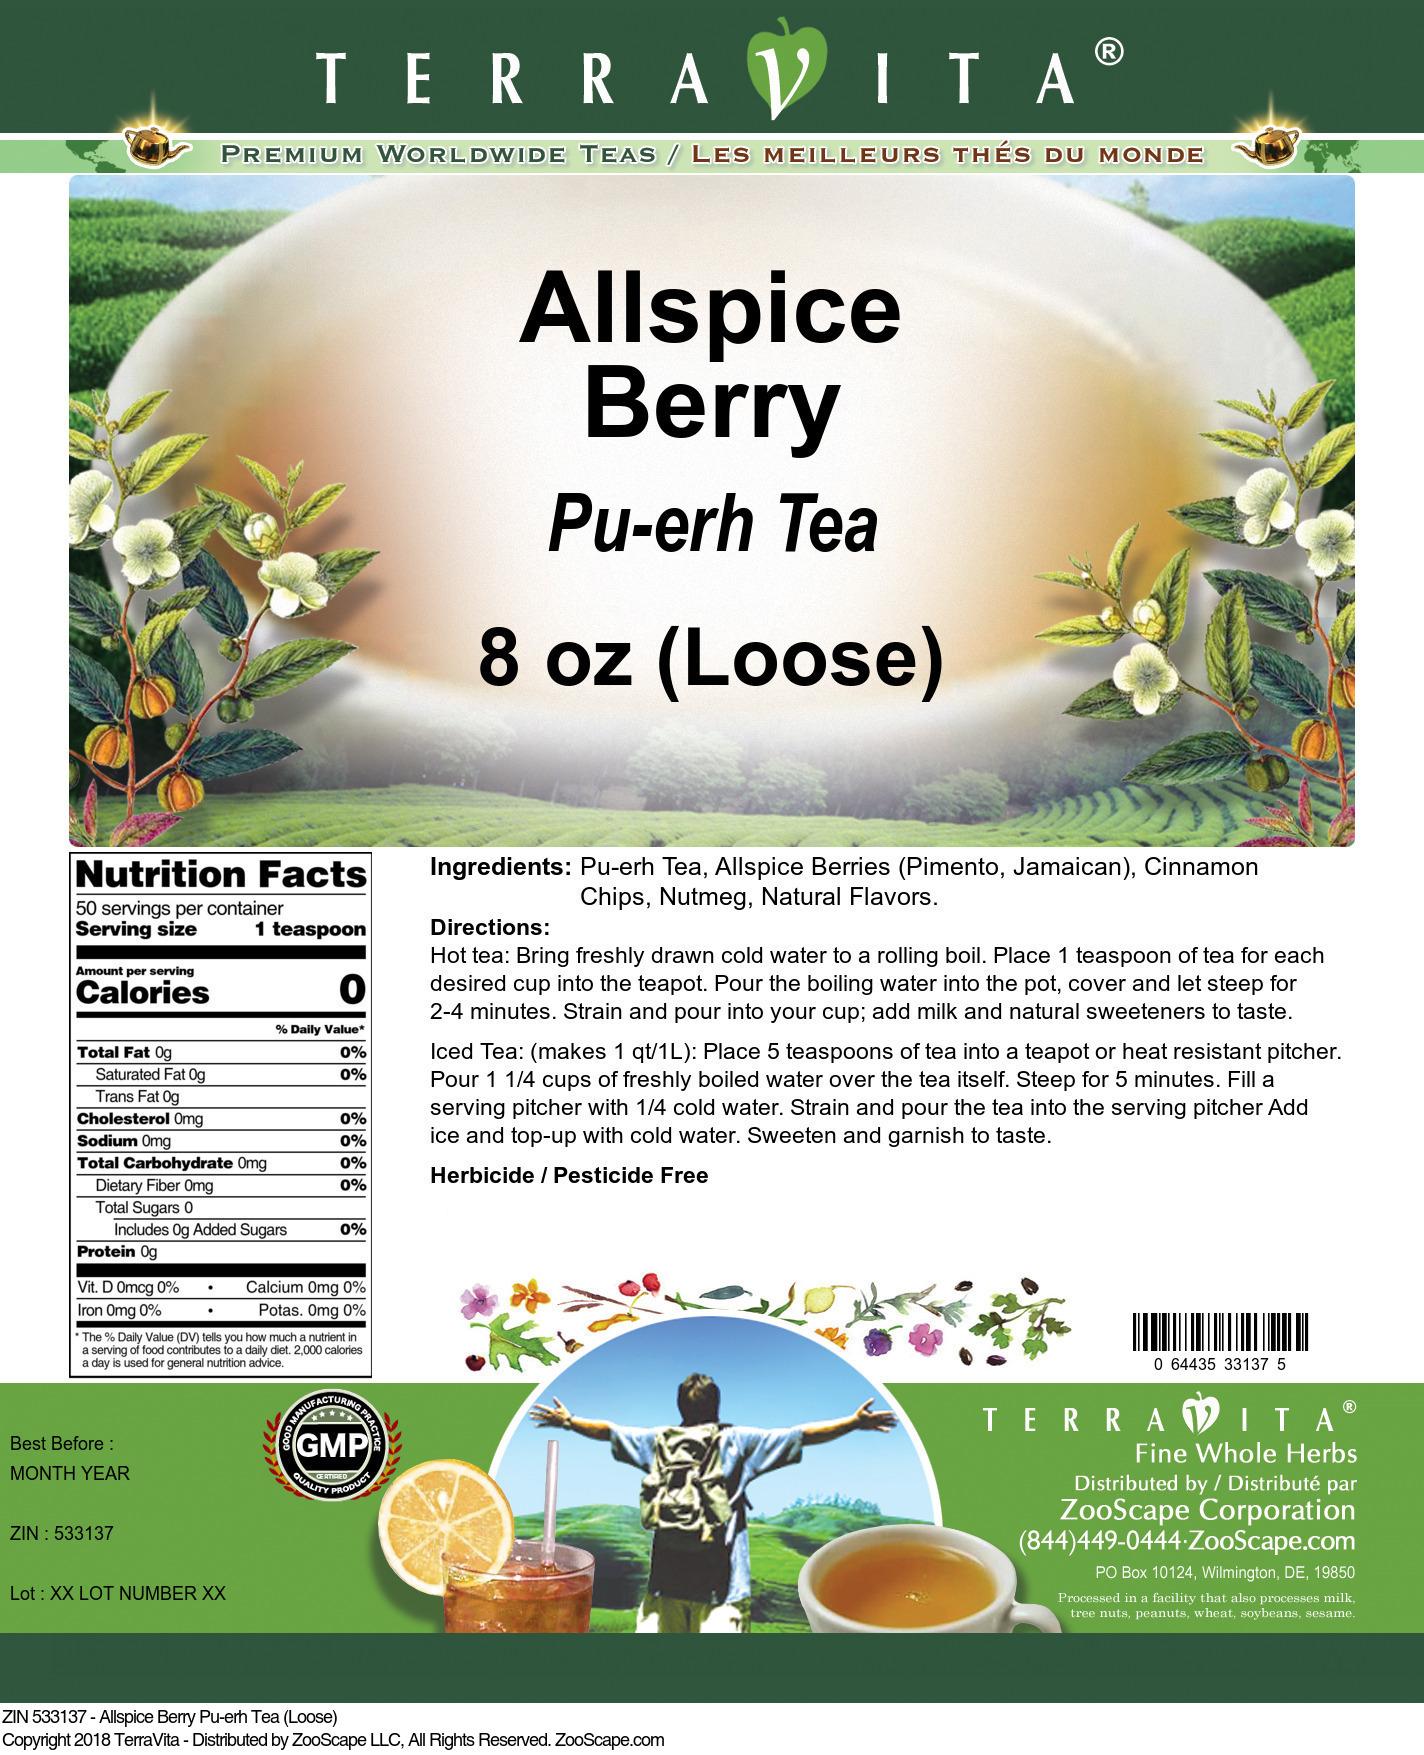 Allspice Berry Pu-erh Tea